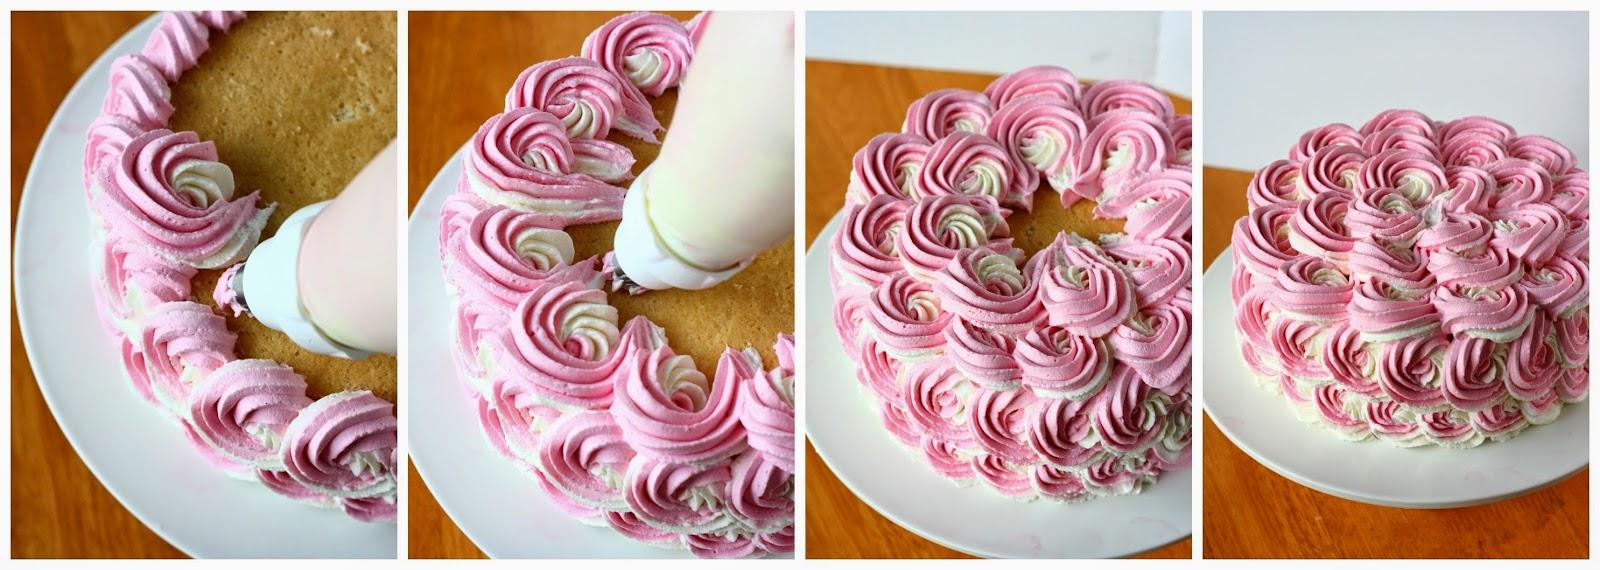 Suklaapossu: Kakku kaksivärisillä ruusupursotuksilla